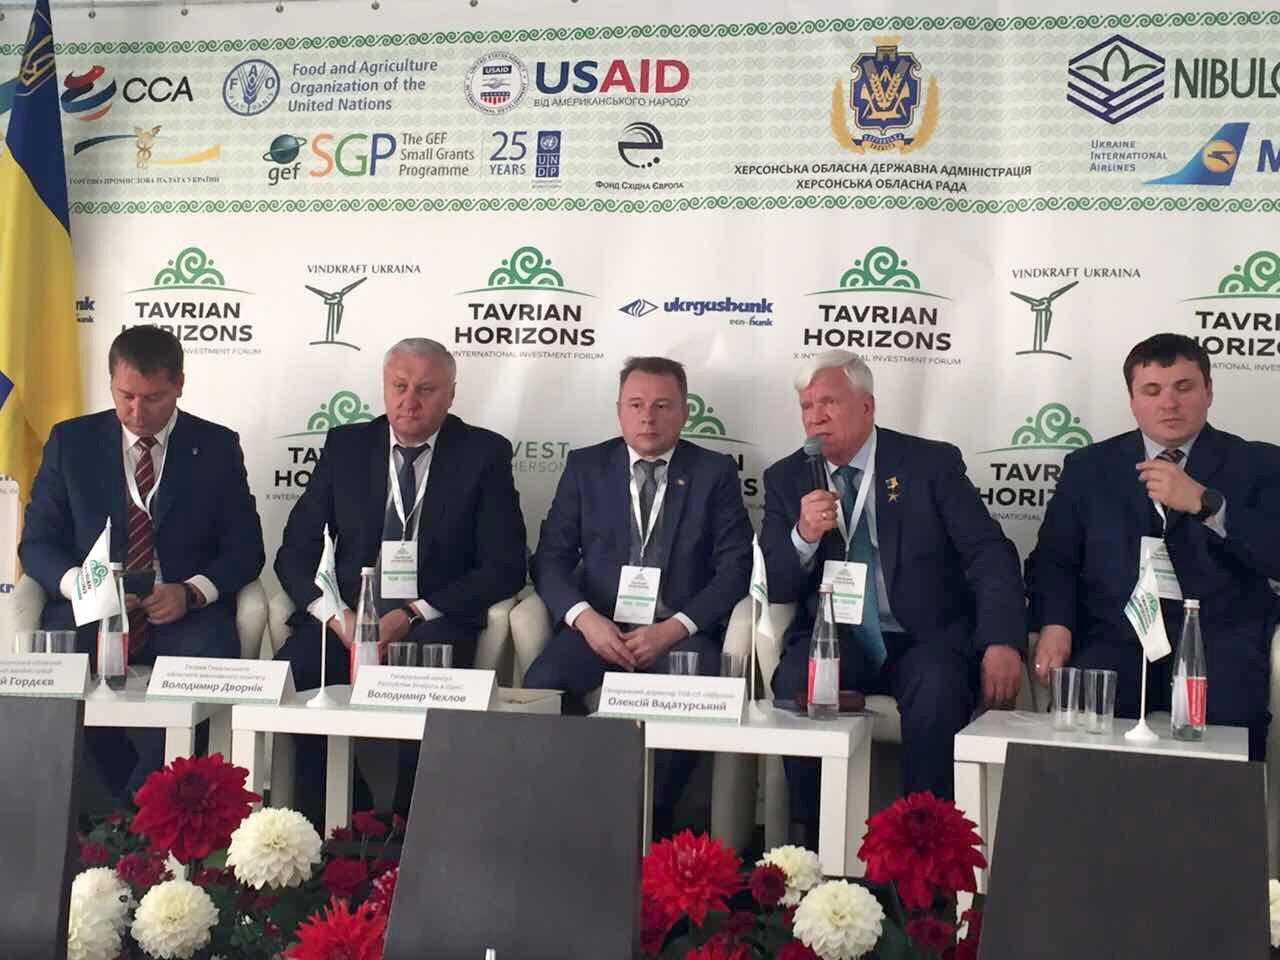 Х Міжнародний інвестиційний форум «Таврійські горизонти: співпраця, інвестиції, економічний розвиток».